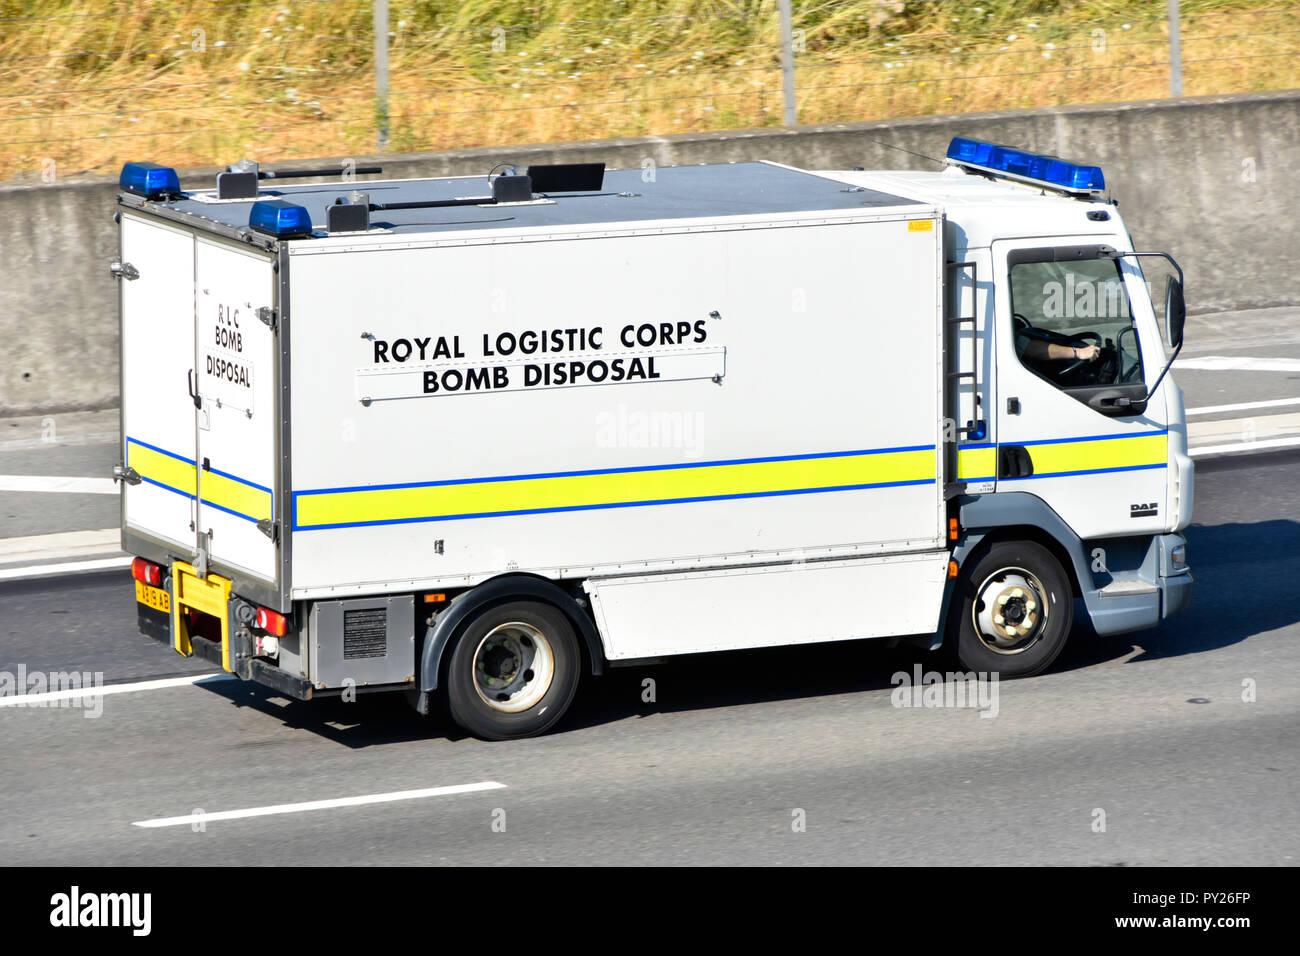 Militaire Armée britannique Royal Logistic Corps Bomb Disposal squad de conduite de camion camion de soutien d'urgence le long de l'autoroute English UK Angleterre Essex Photo Stock